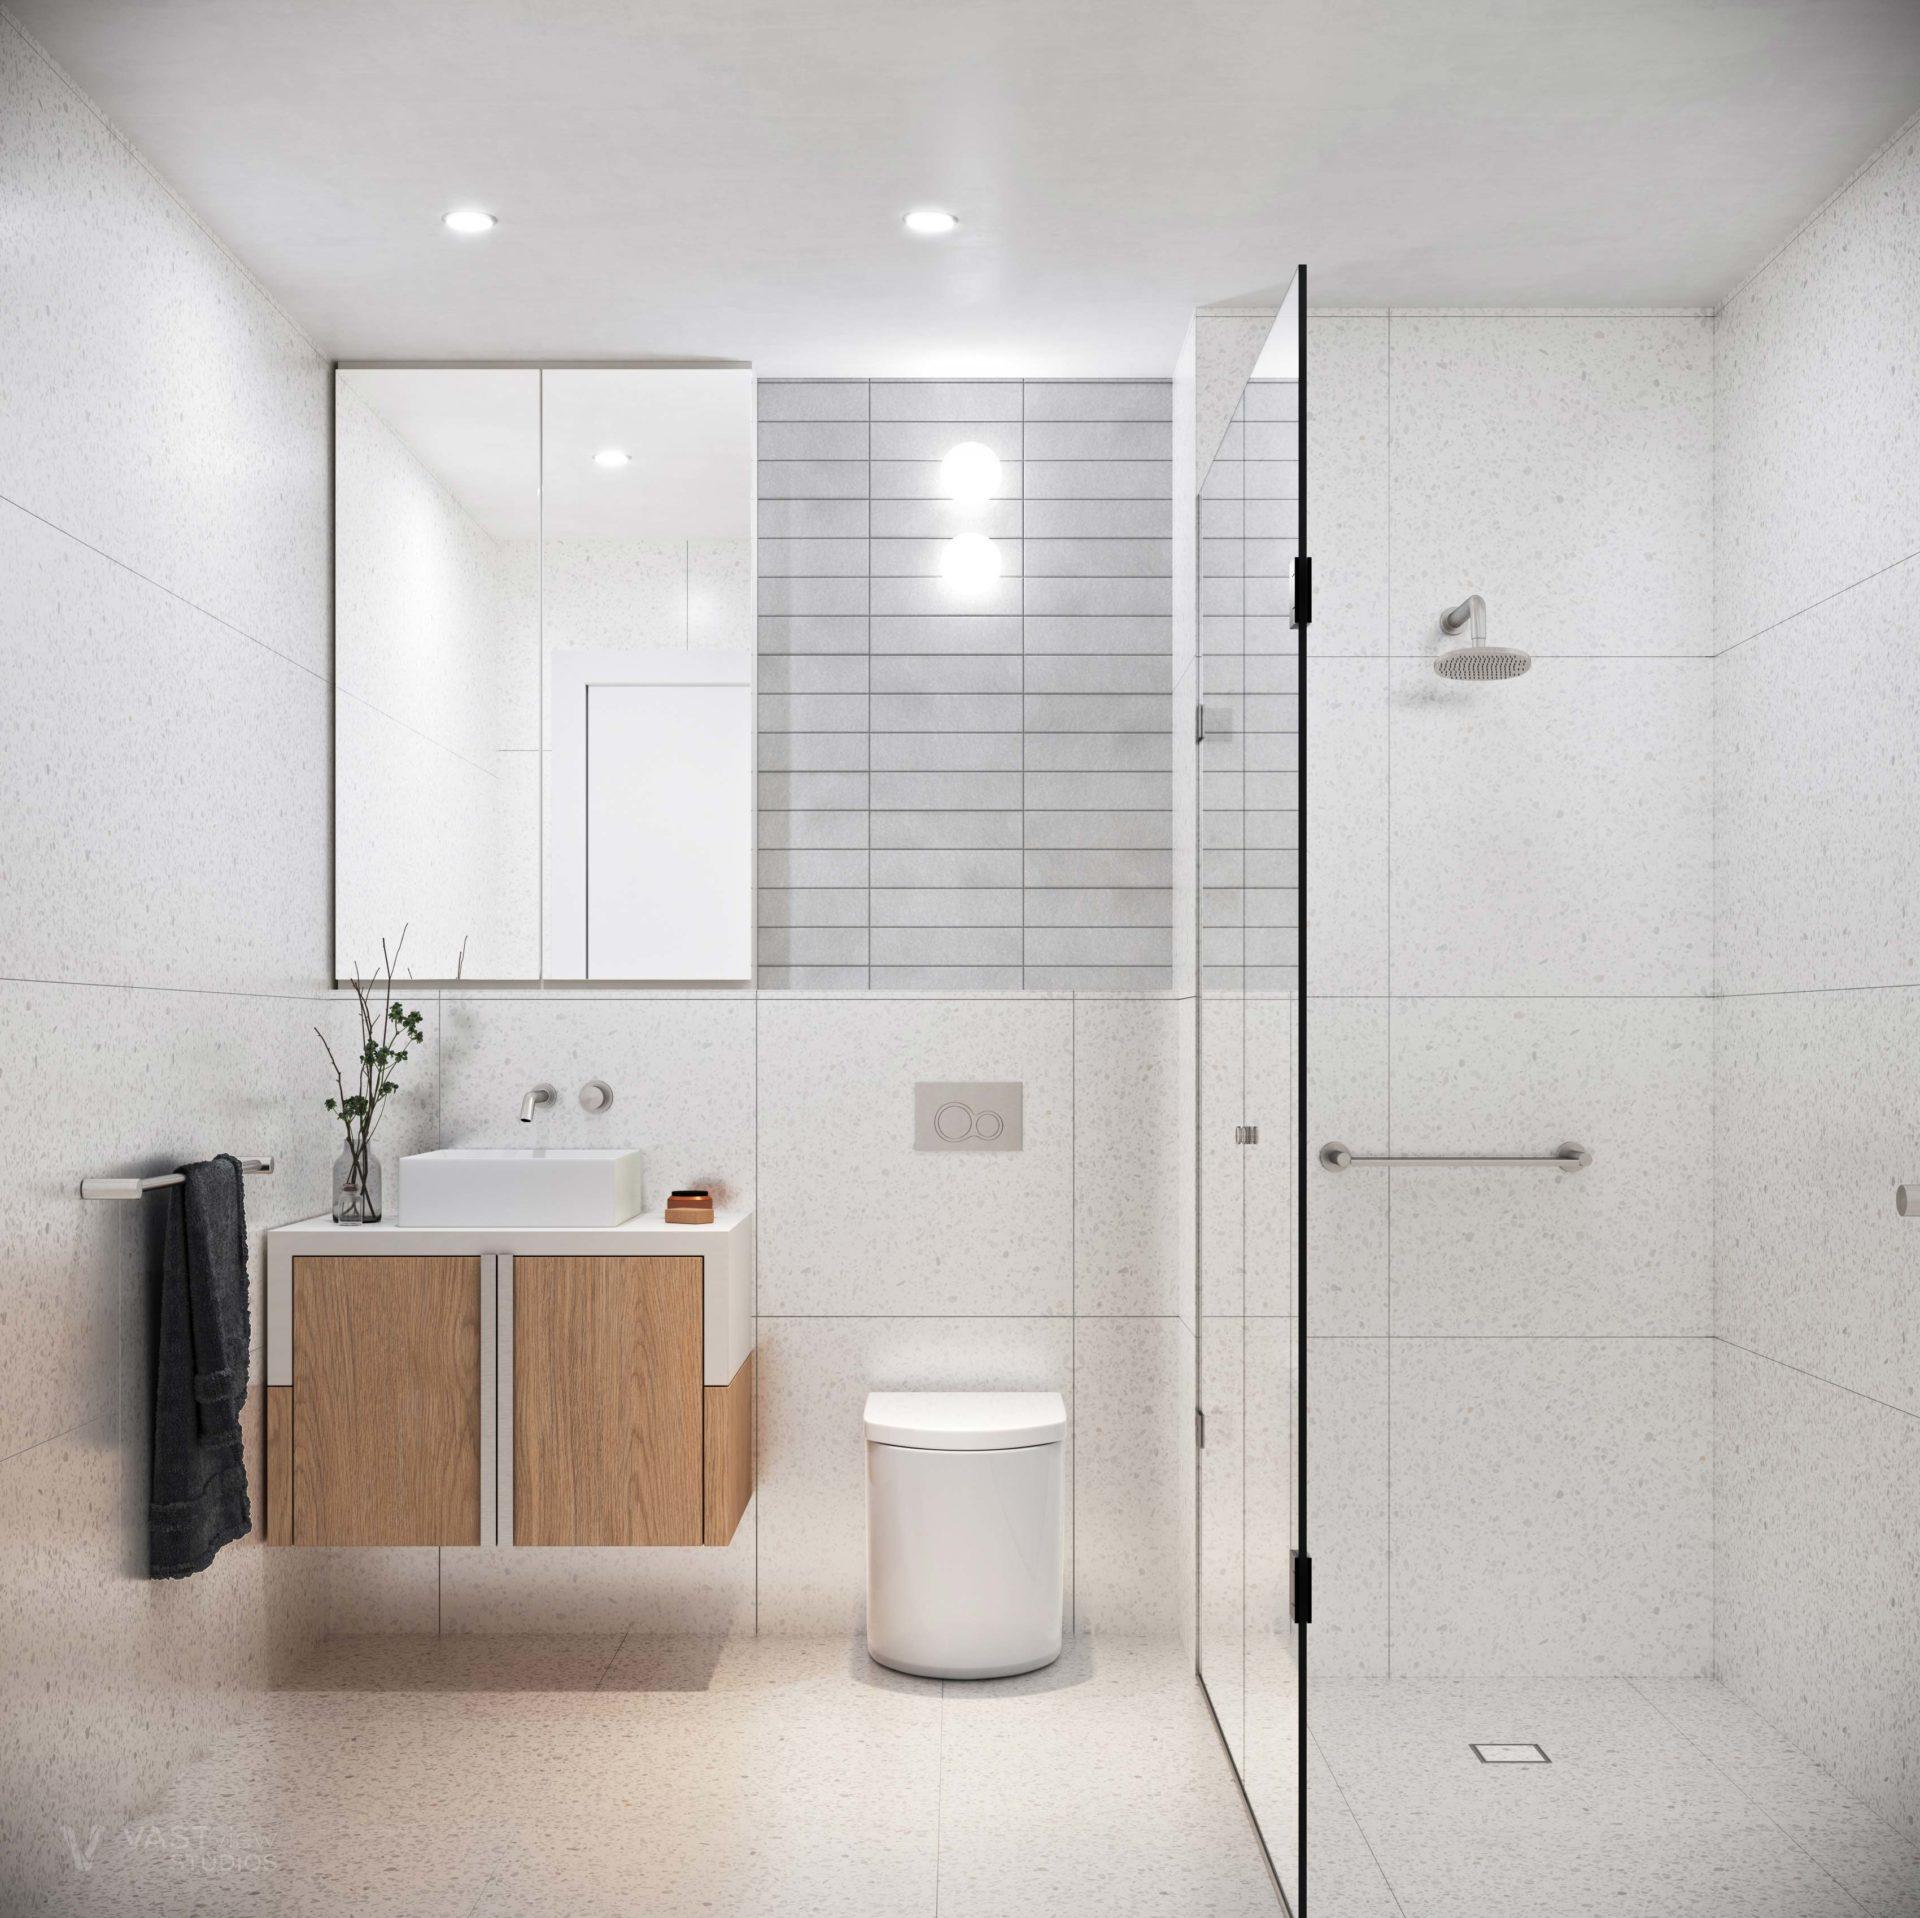 CentreRd_Bathroom_FinalRender_v1.0